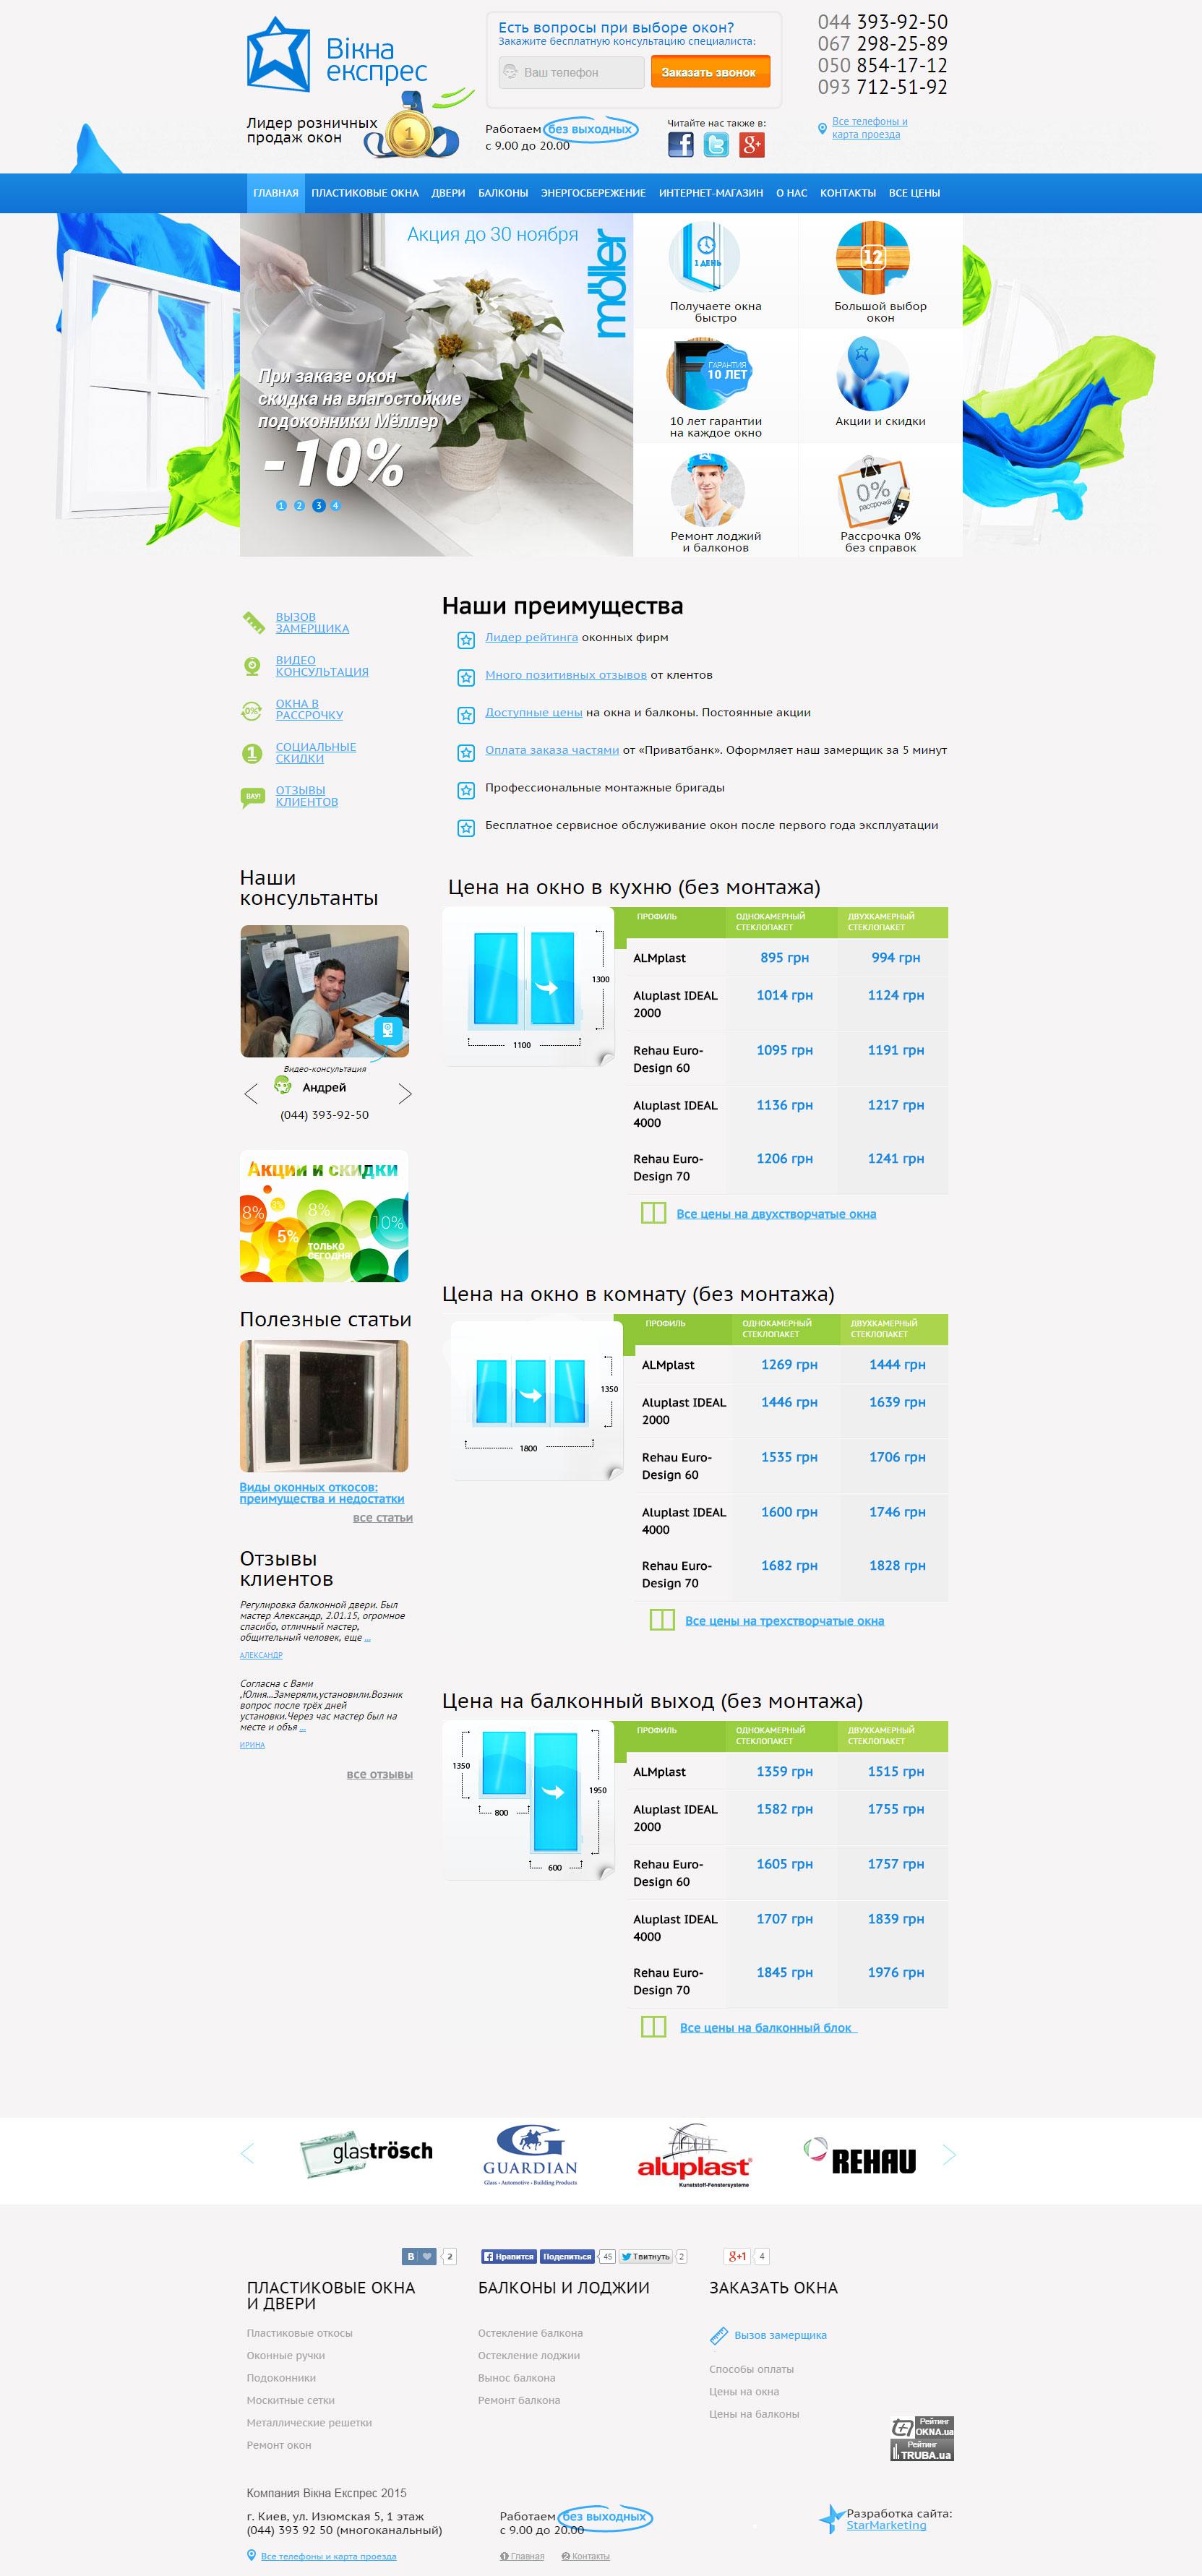 vikna-ua.com.ua site